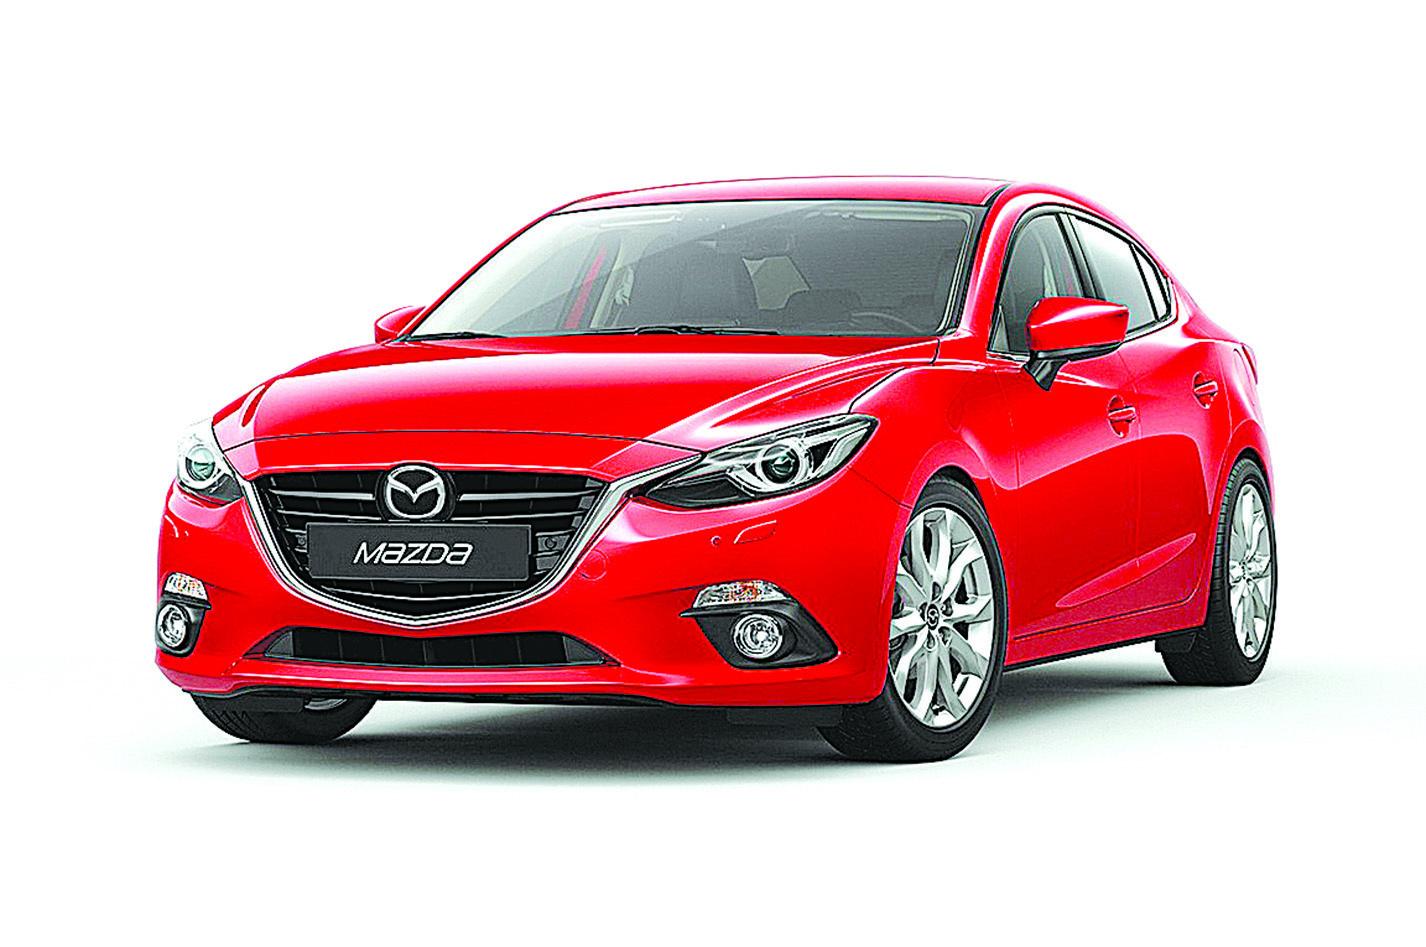 配置第2代Skyactiv引擎的Mazda 3,燃油經濟性相當驚人。(Mazda)